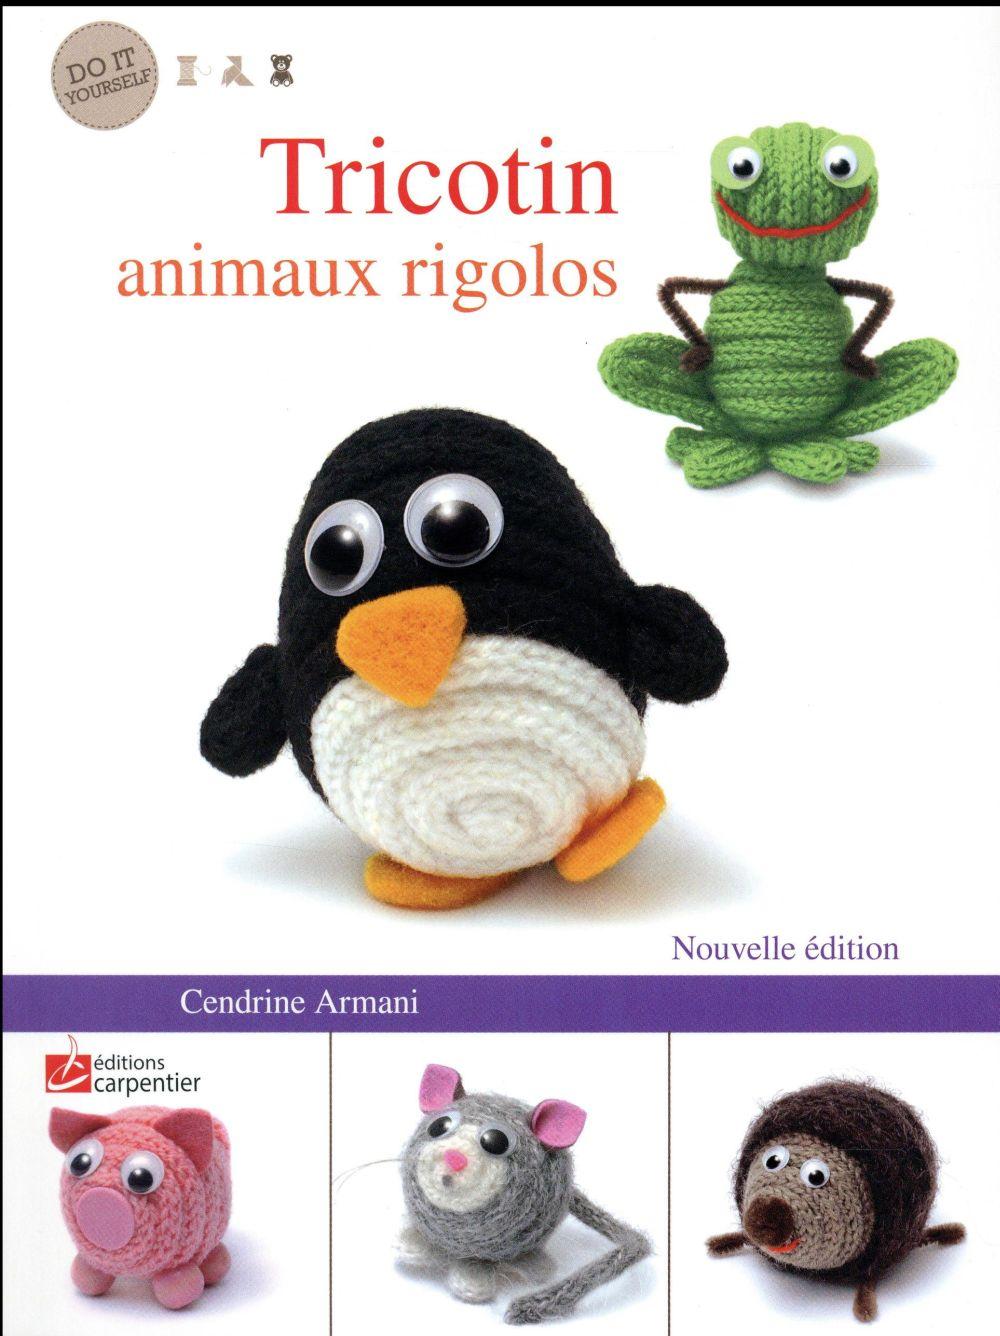 Tricotin animaux rigolos